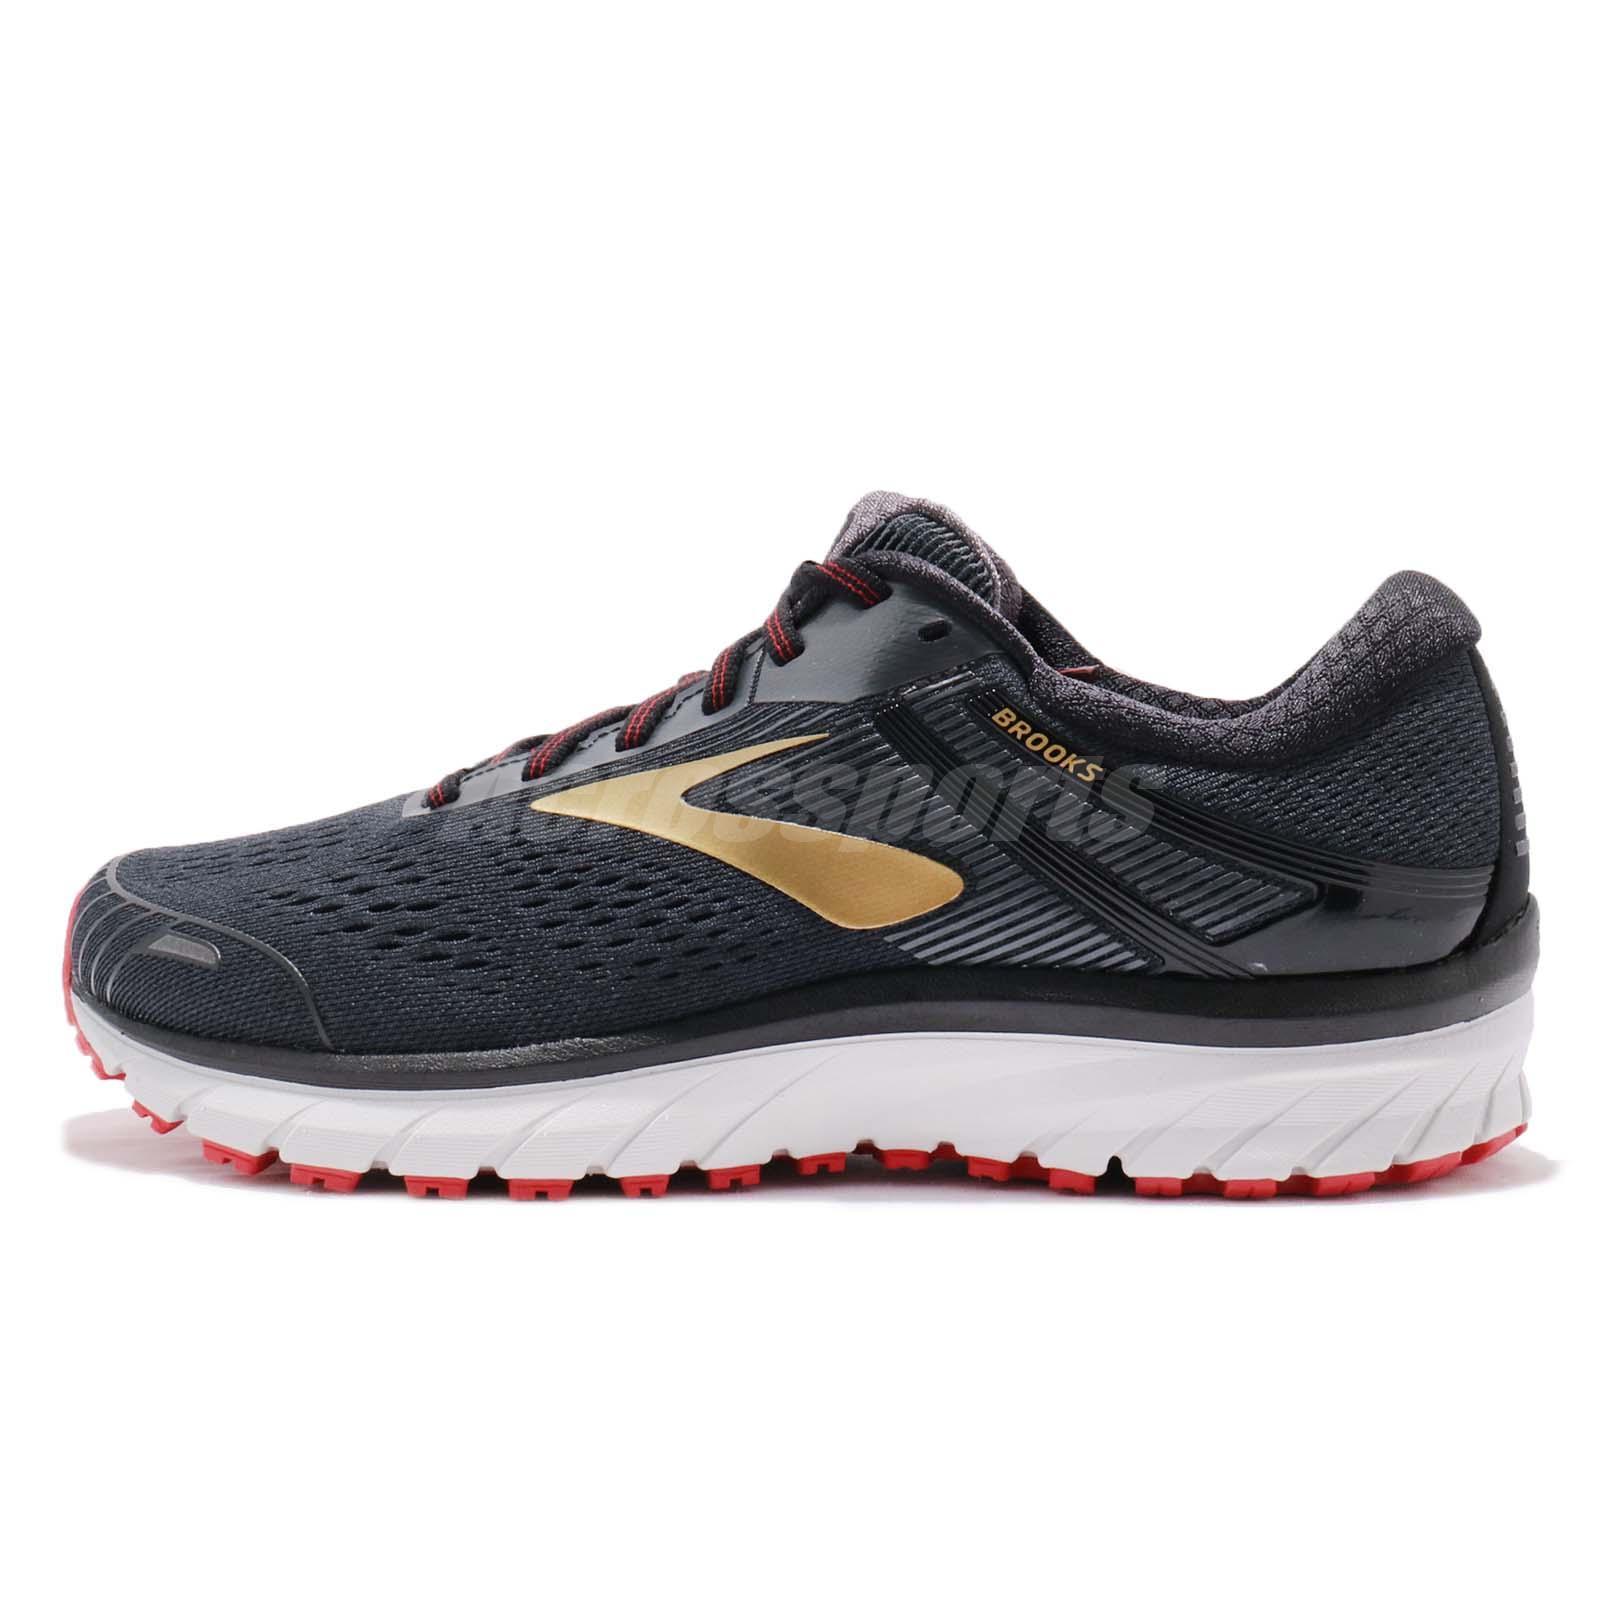 d969252e51d Brooks Adrenaline GTS 18 2E Wide Black Gold Red Men Running Shoes 110271 2E